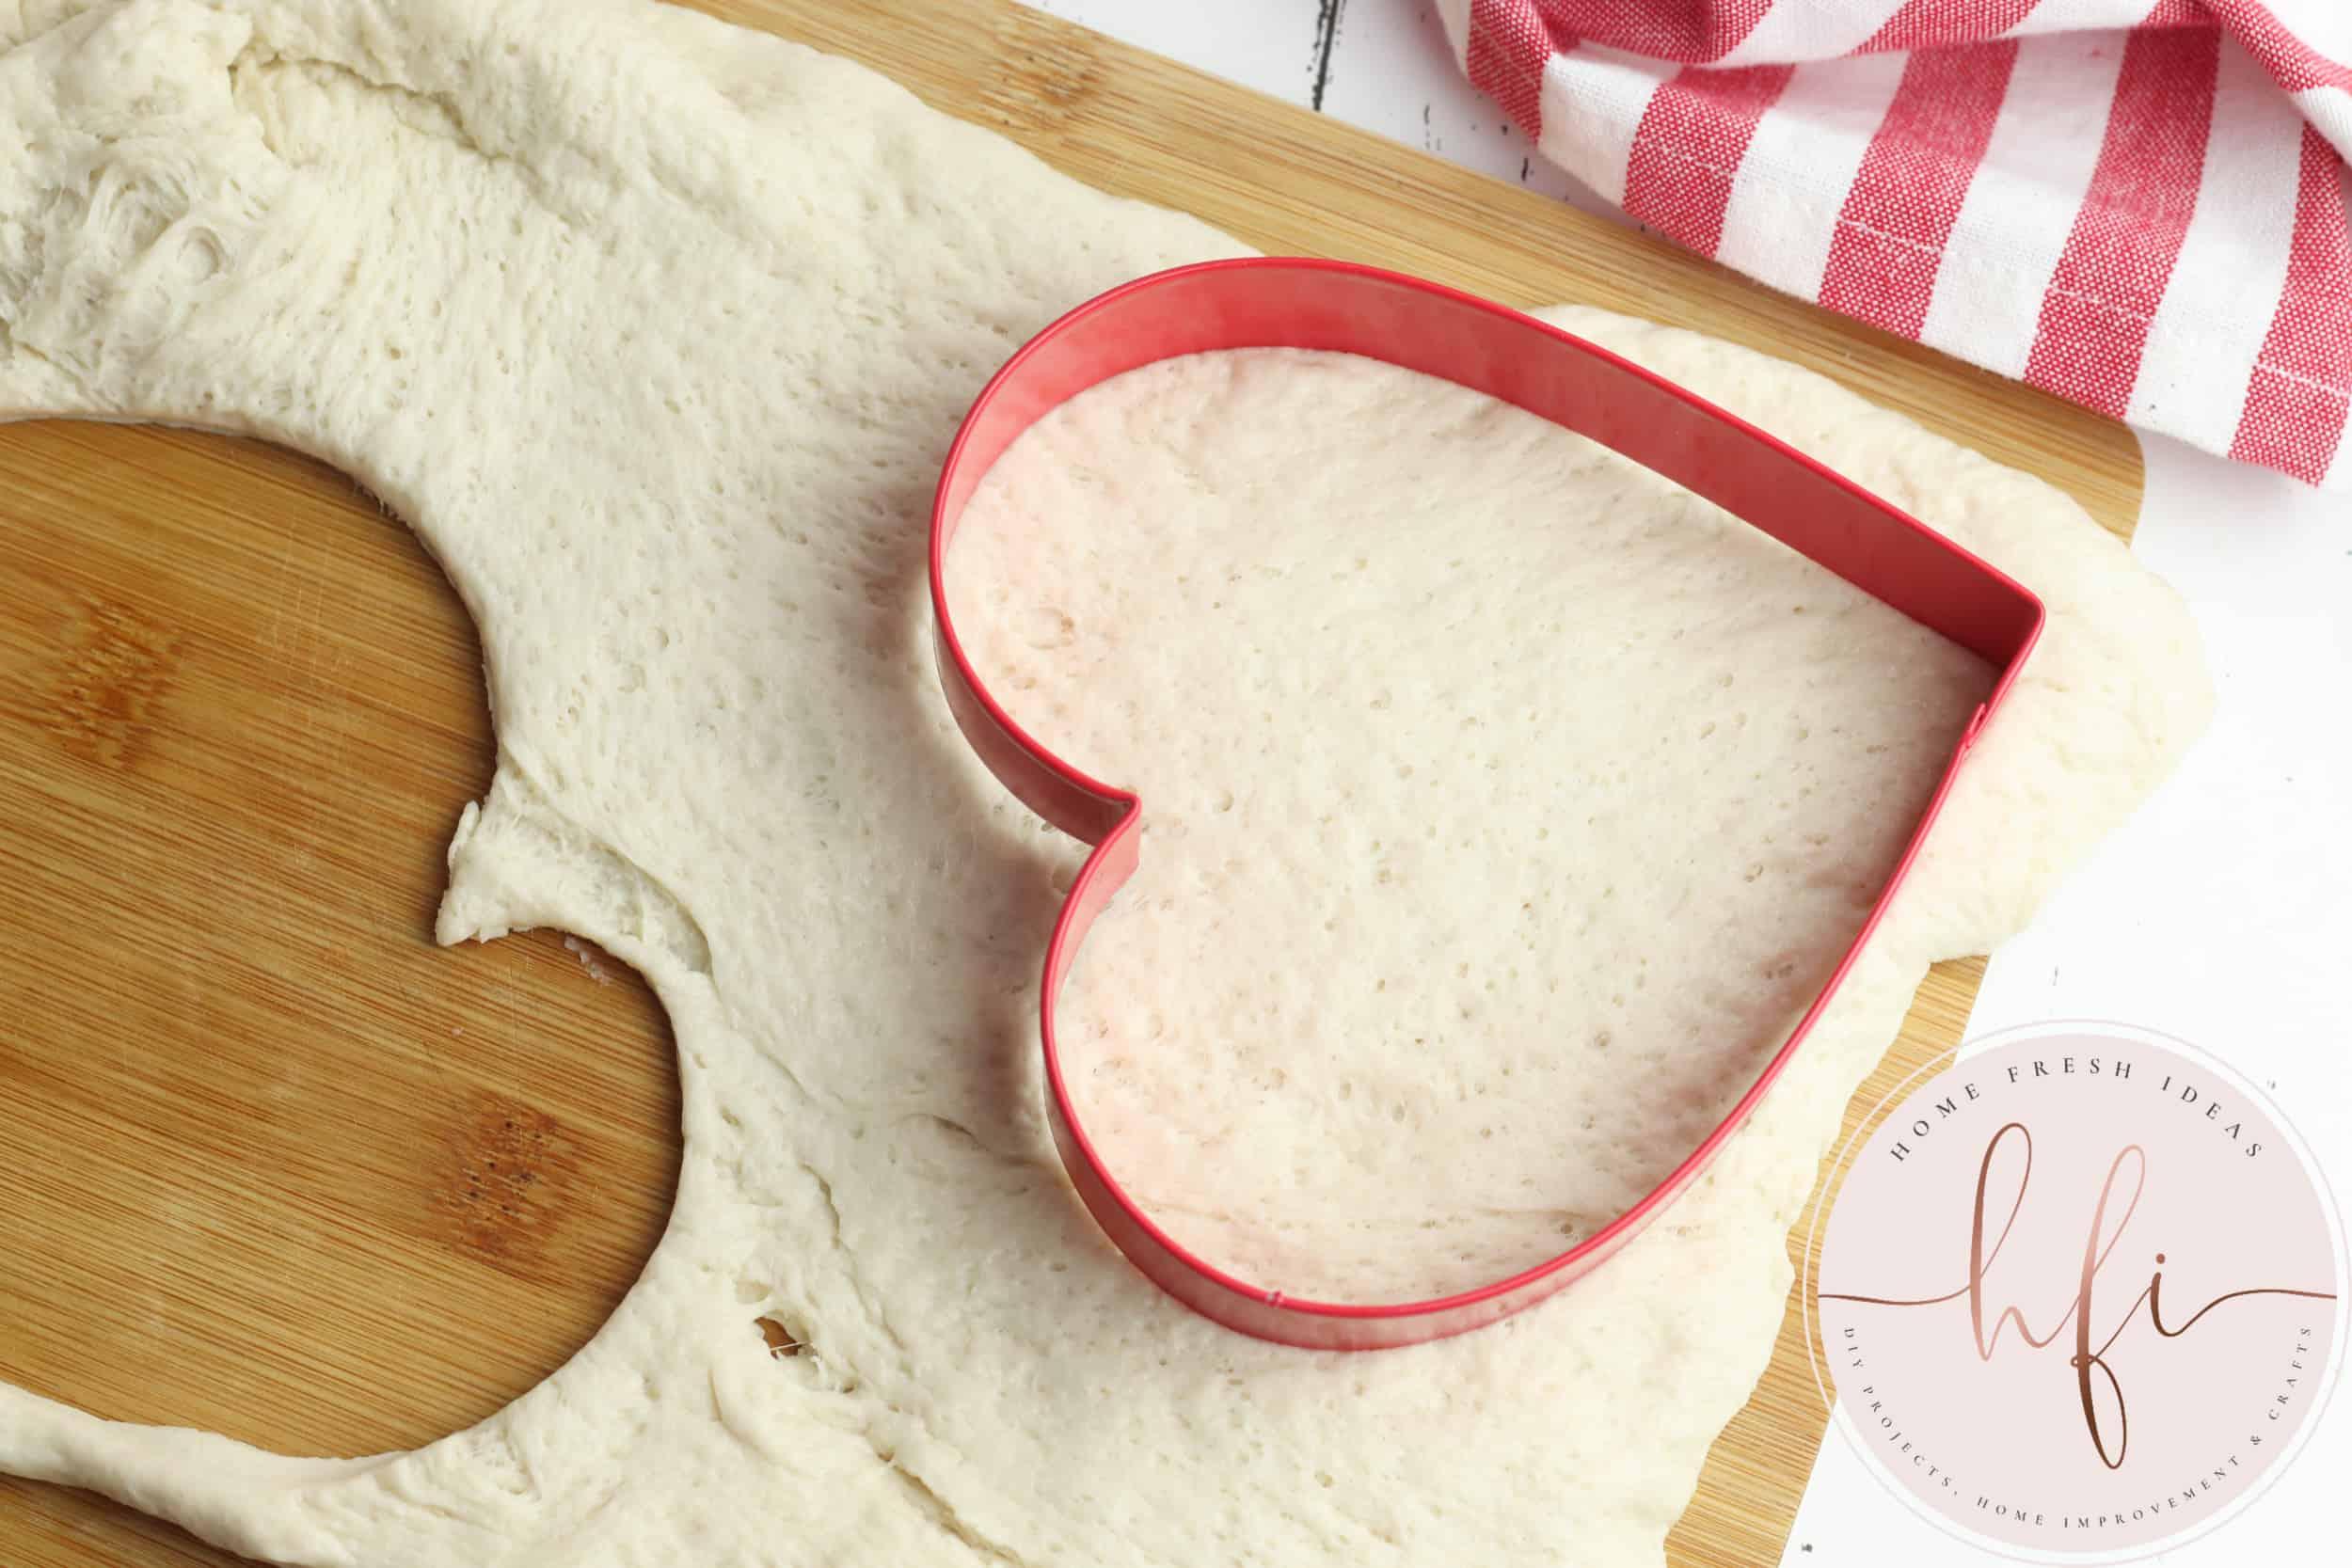 cutting crust with a cookie cutter